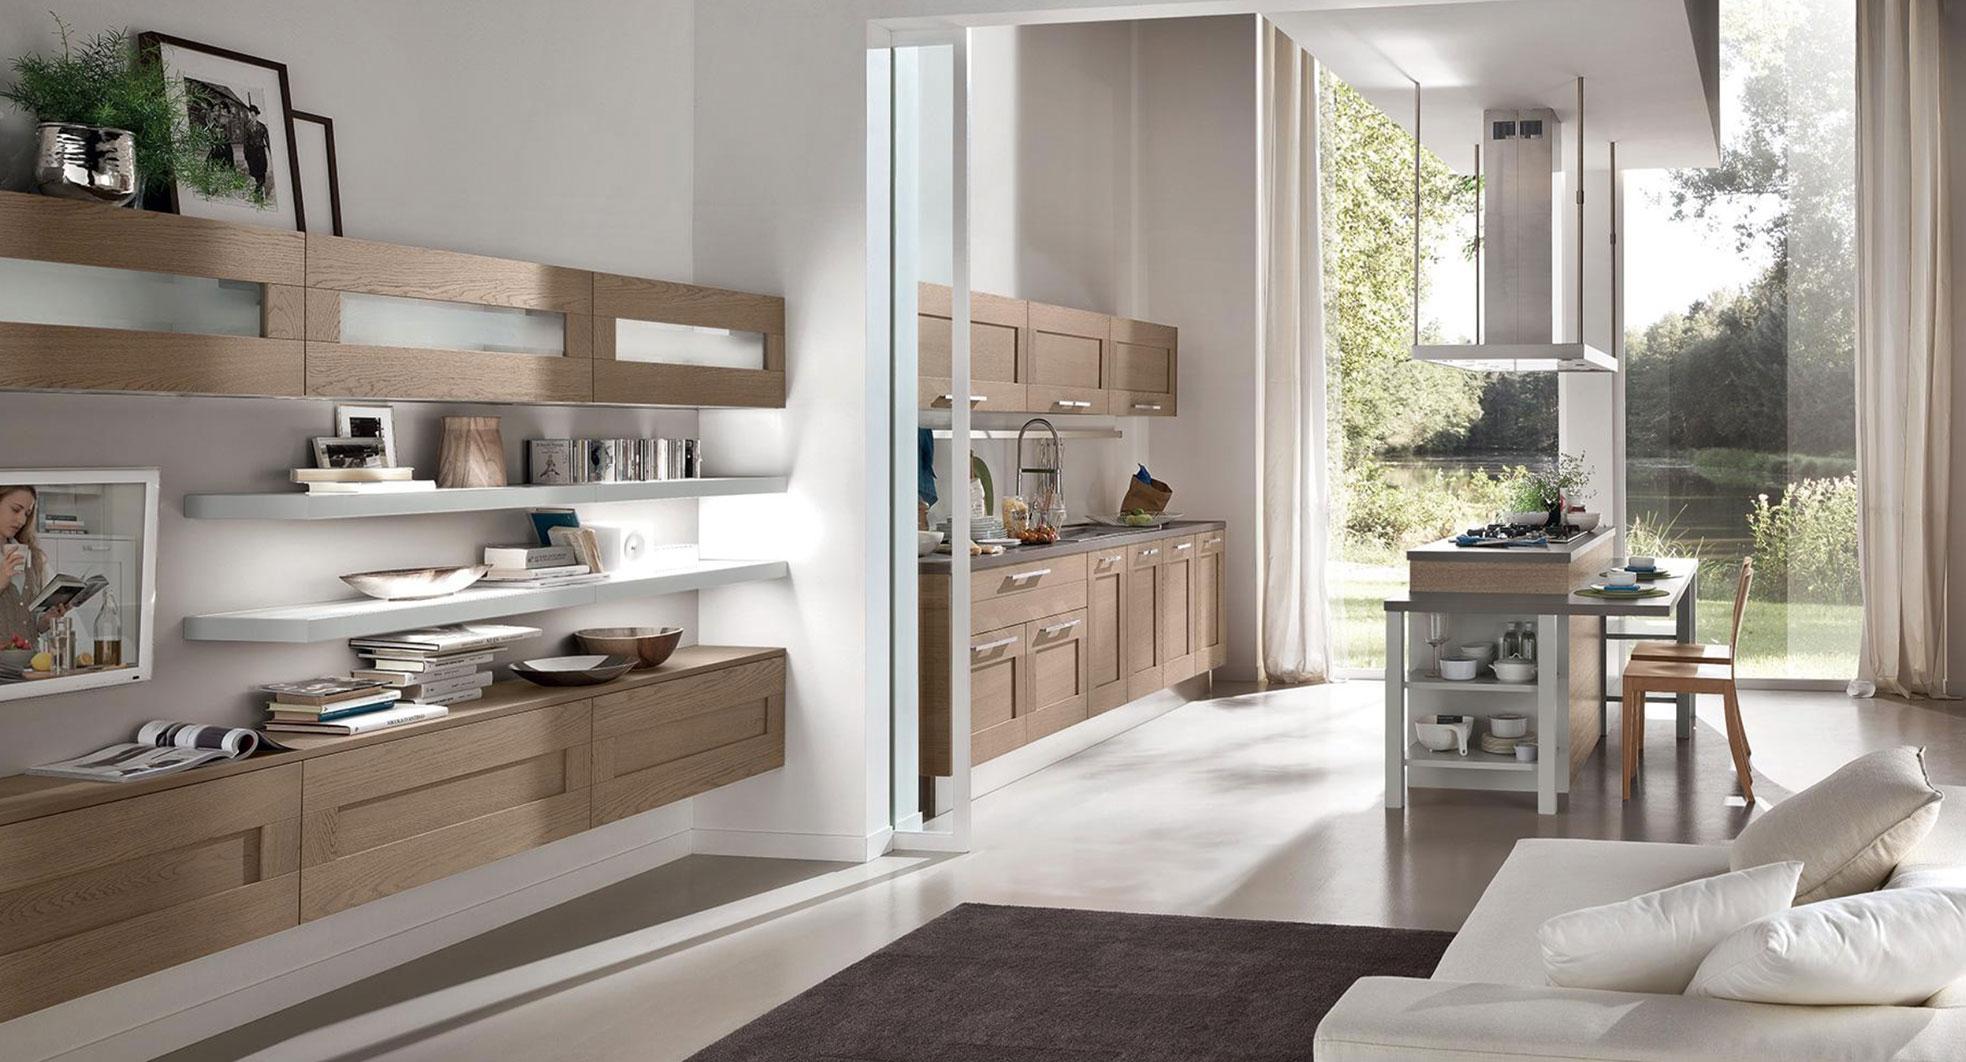 Come Dividere Sala E Cucina dividere cucina e living in un open space: 5 suggerimenti